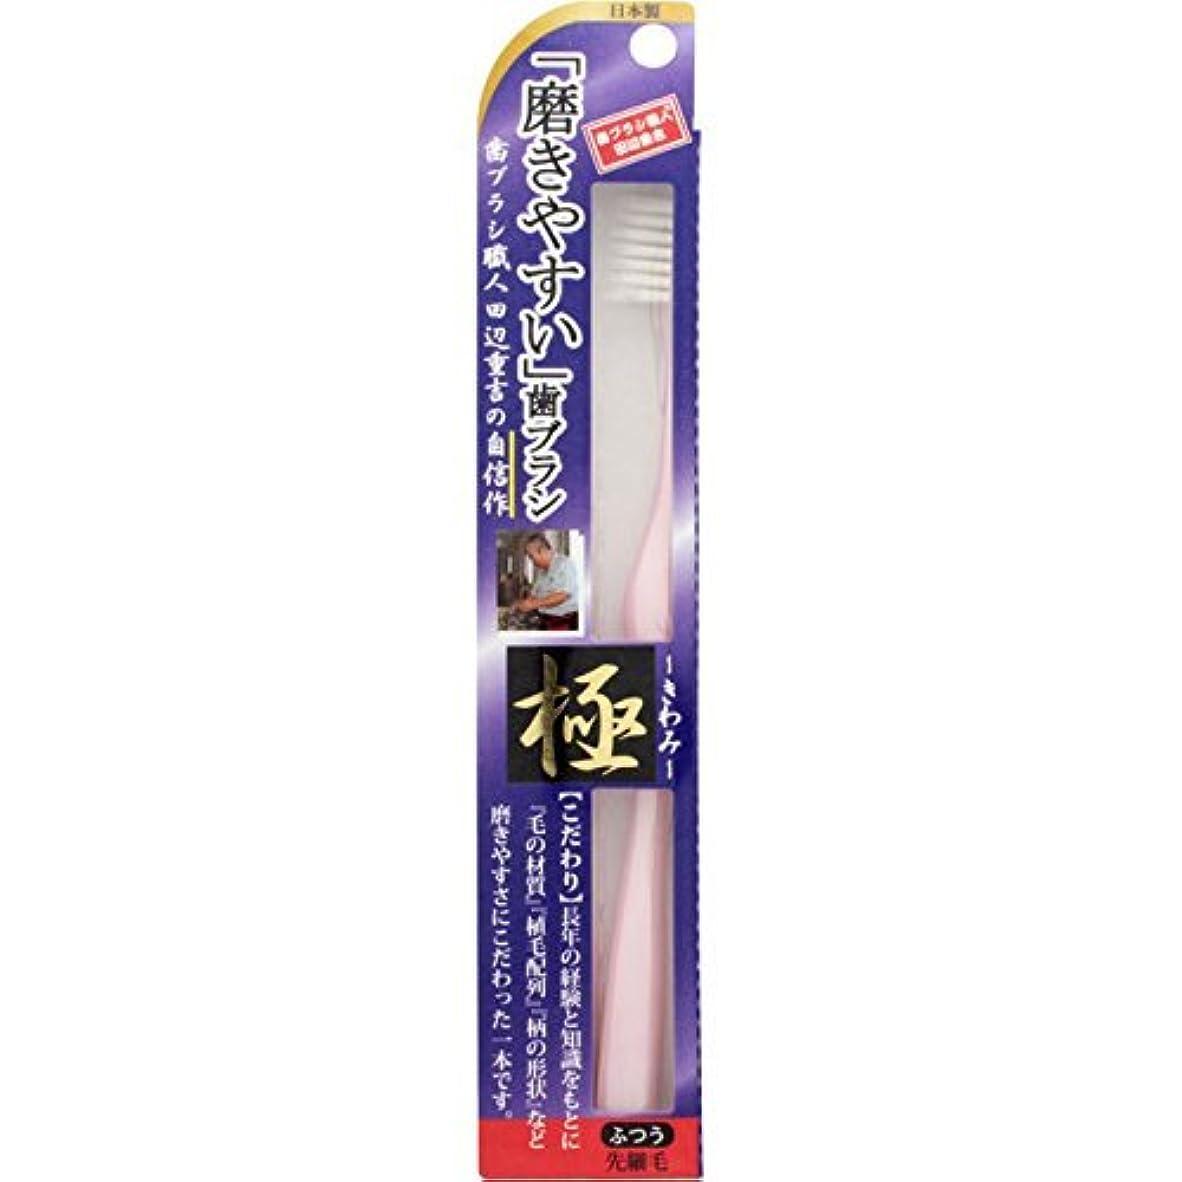 式類推バケット【まとめ買い】磨きやすい歯ブラシ 極 LT22 ×3個